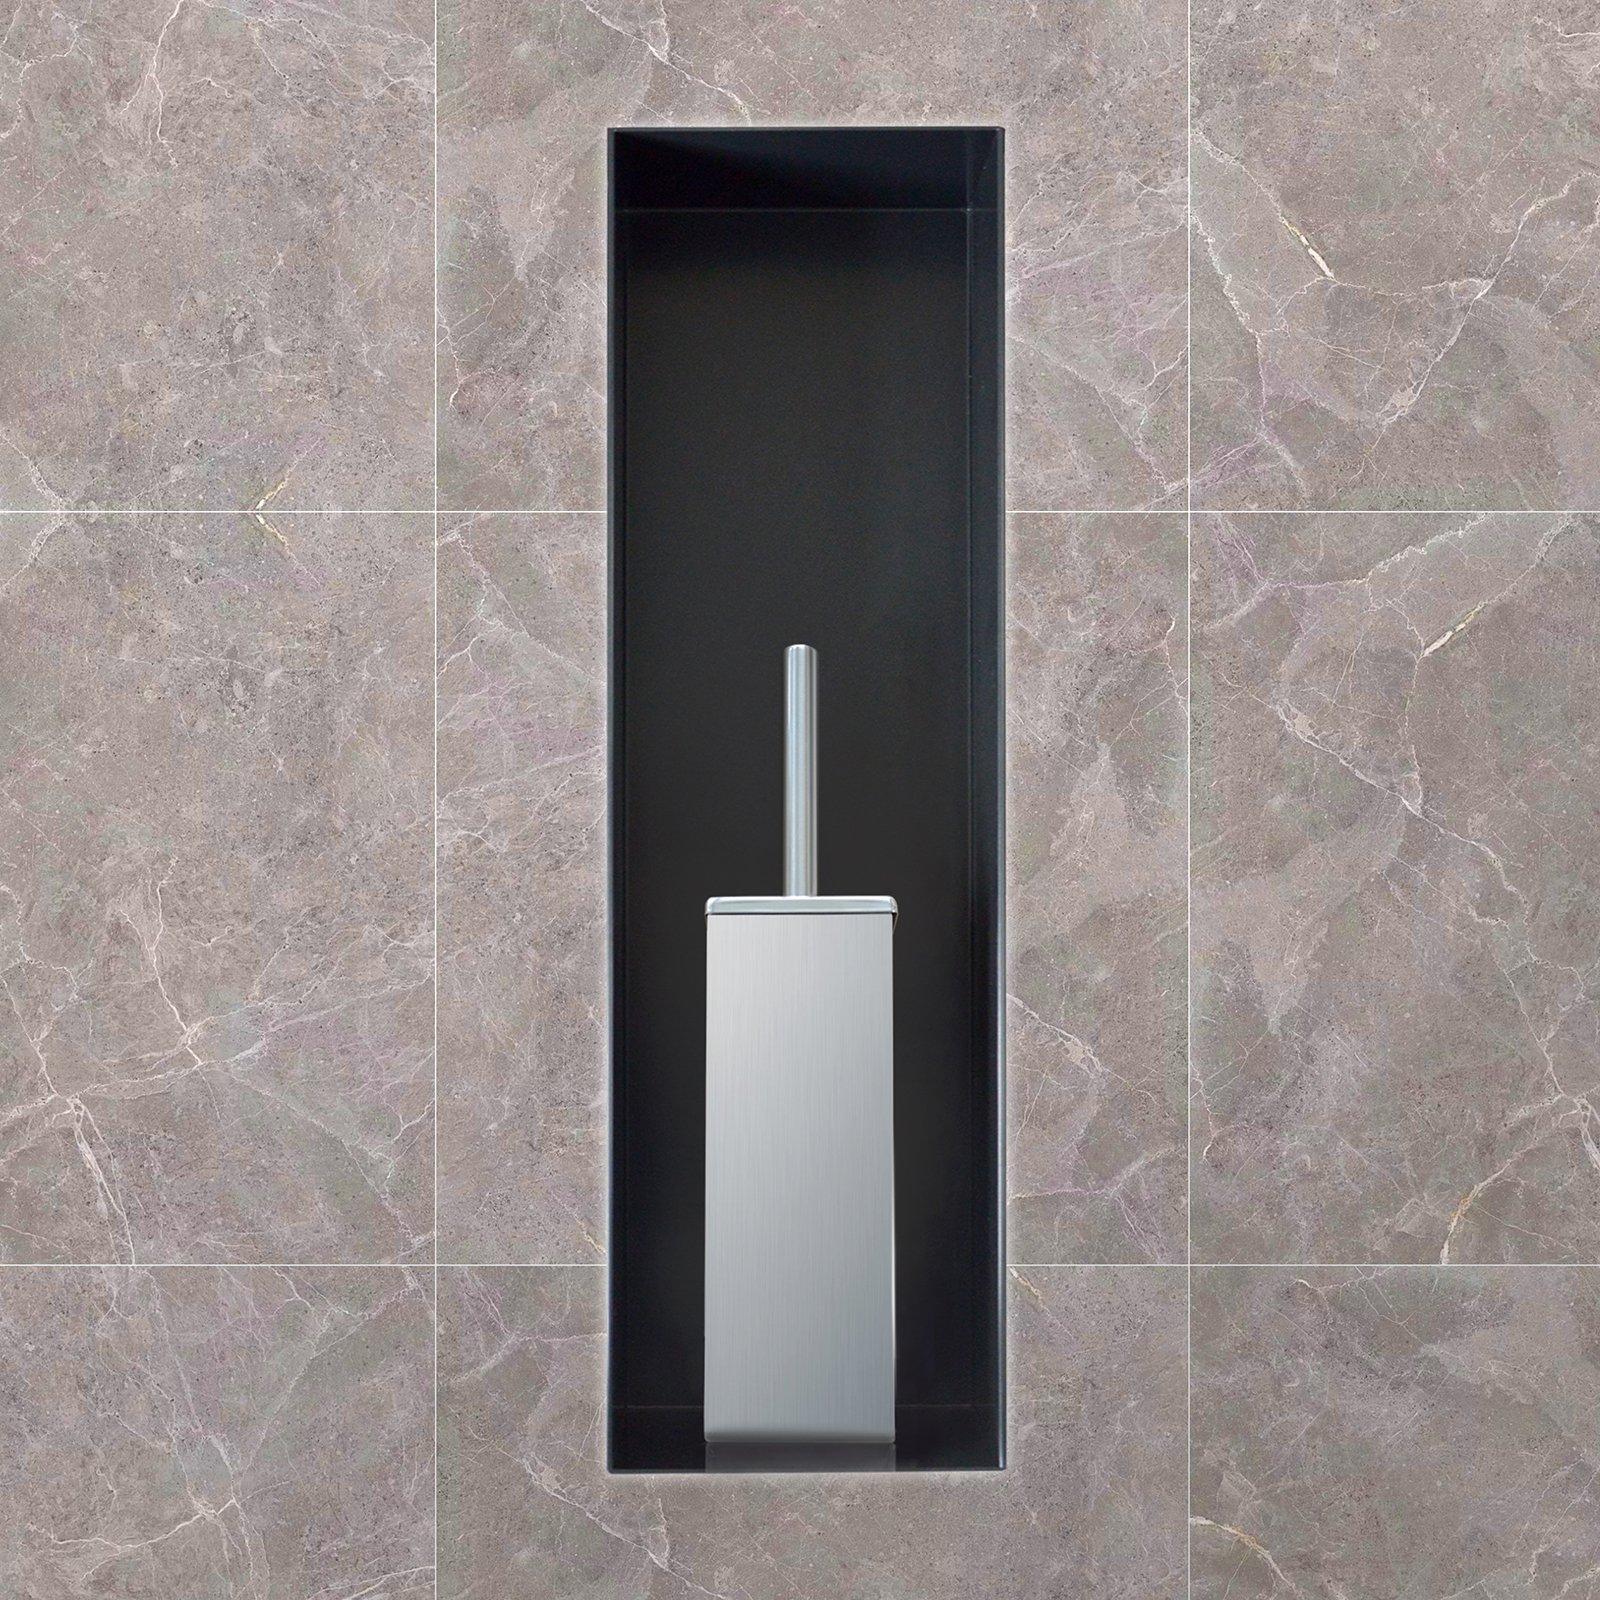 BERNSTEIN Wandnische aus Edelstahl BS156010 randlos - 15 x 60 x 10 cm - Weiß zoom thumbnail 3